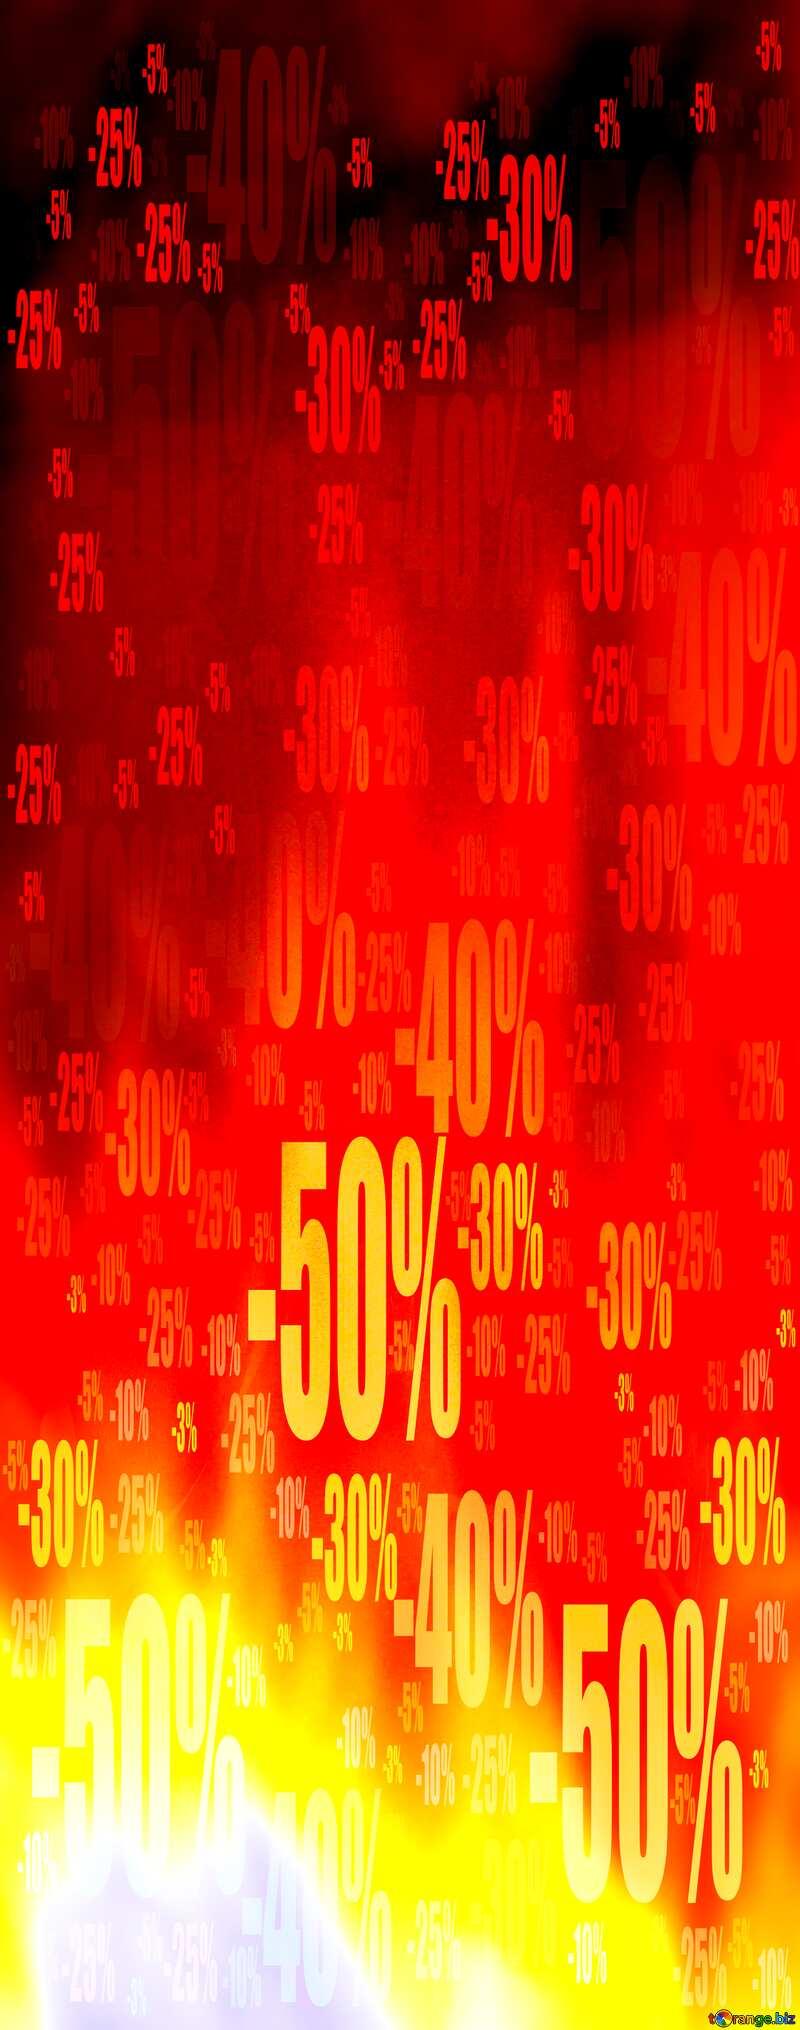 HOT SALE banner background Store discount dark background. №9546